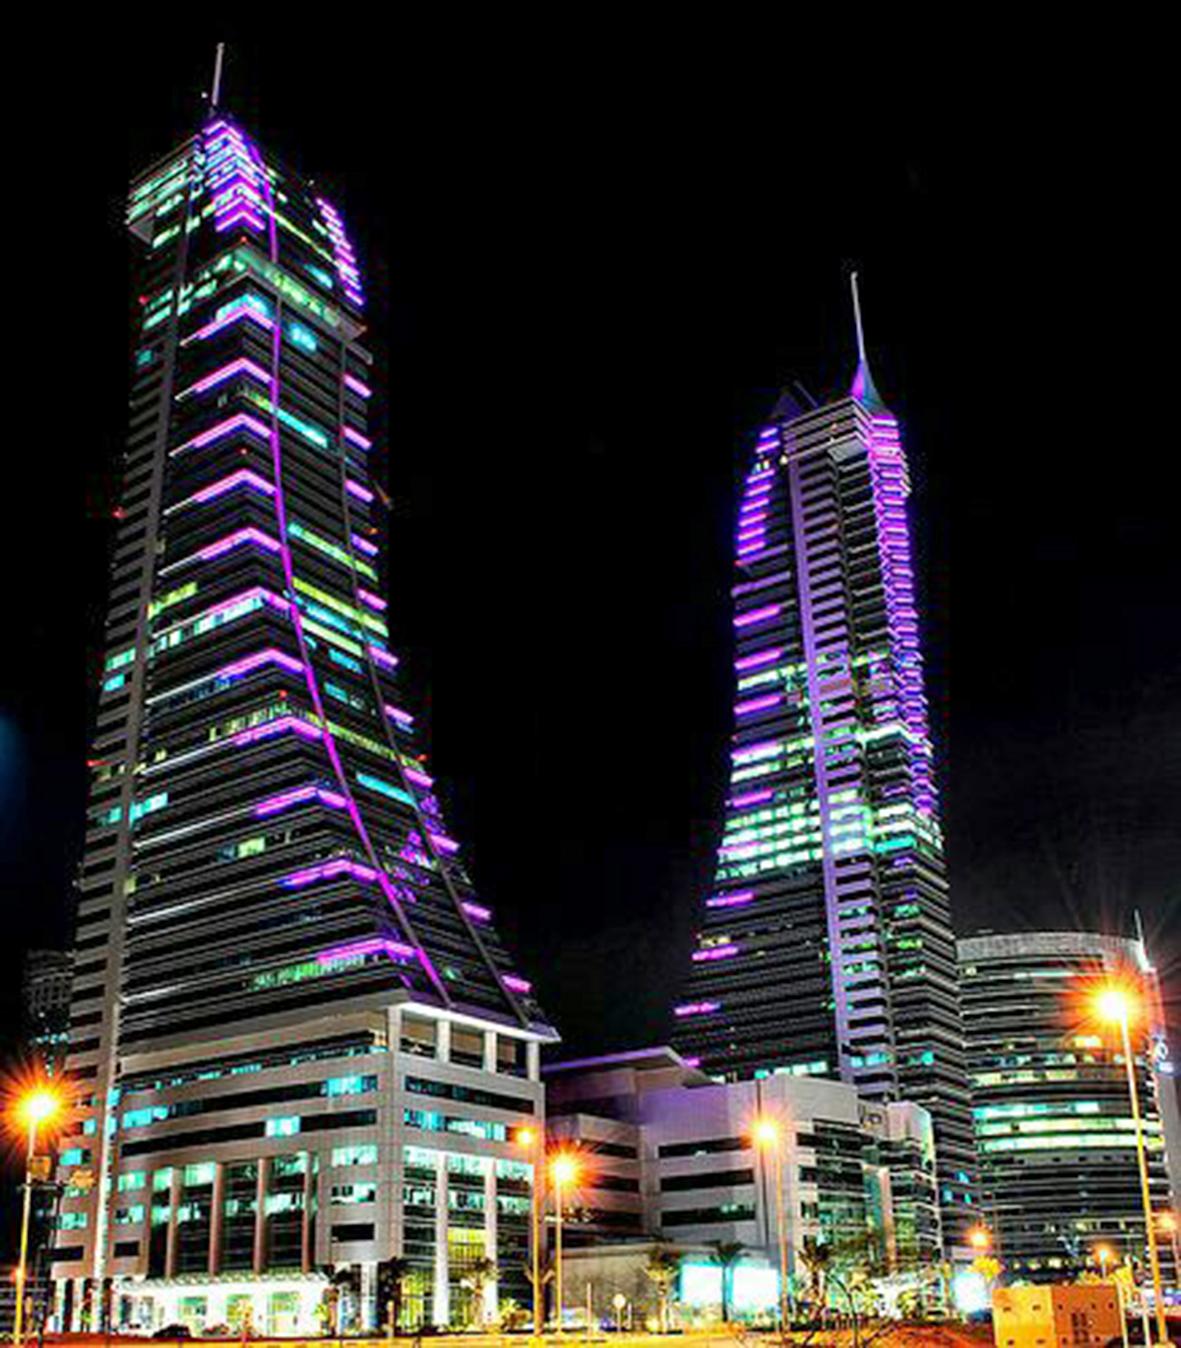 المنامة... المدينة الوردية